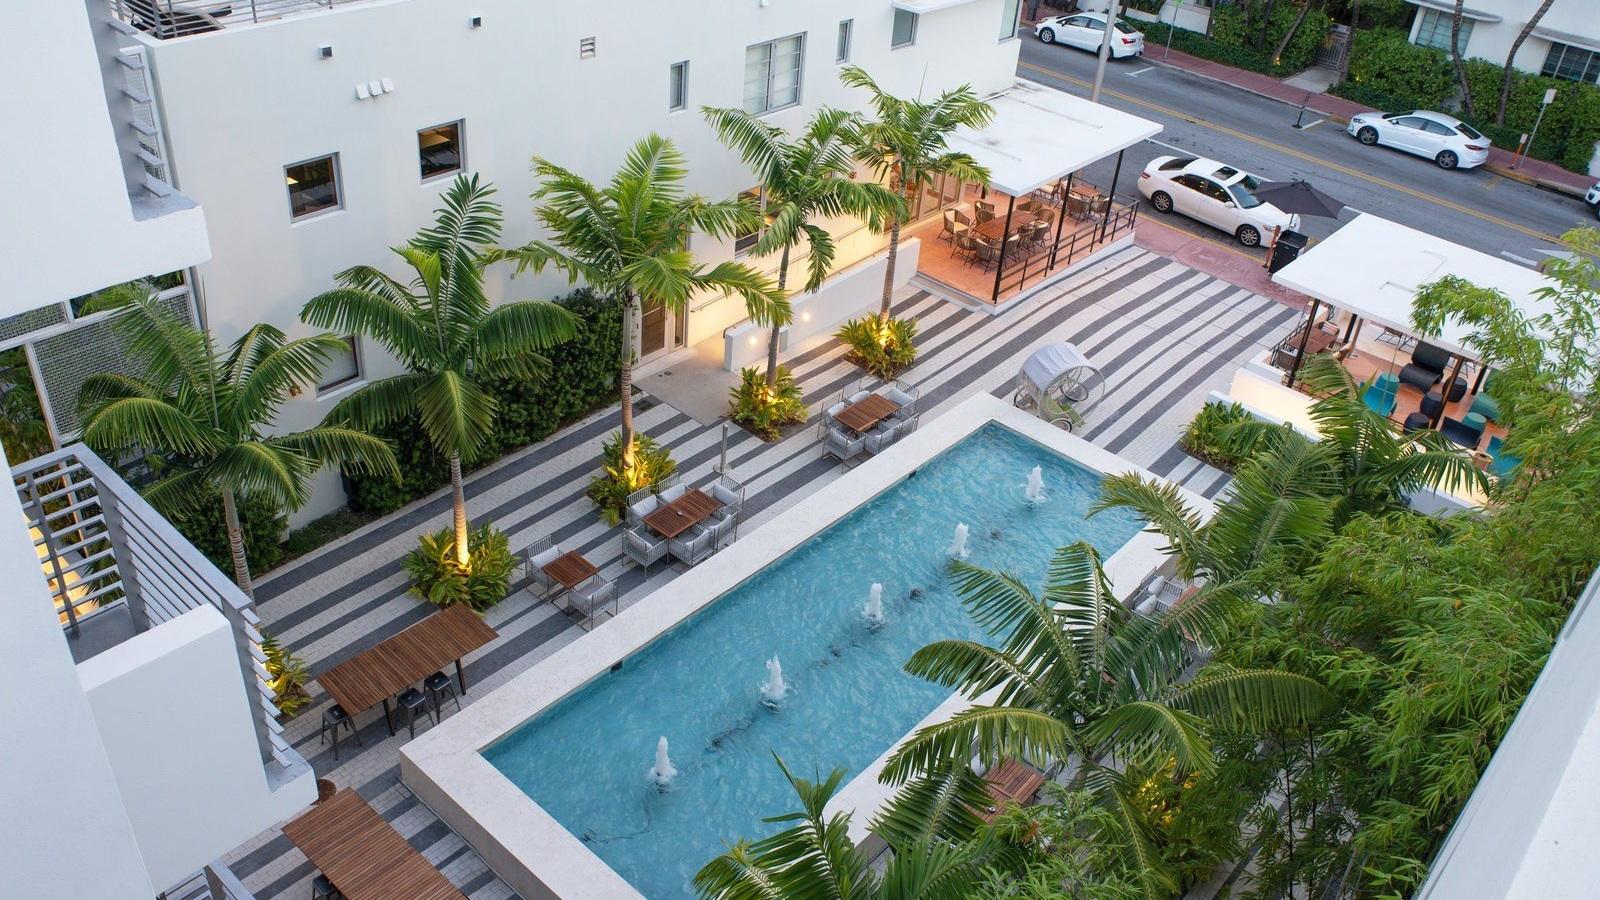 BOENDE - Vi har hotell överallt i Miami med omnejd. De flesta väljer att bo på Miami Beach men vi hjälper till med boende i hela Florida.